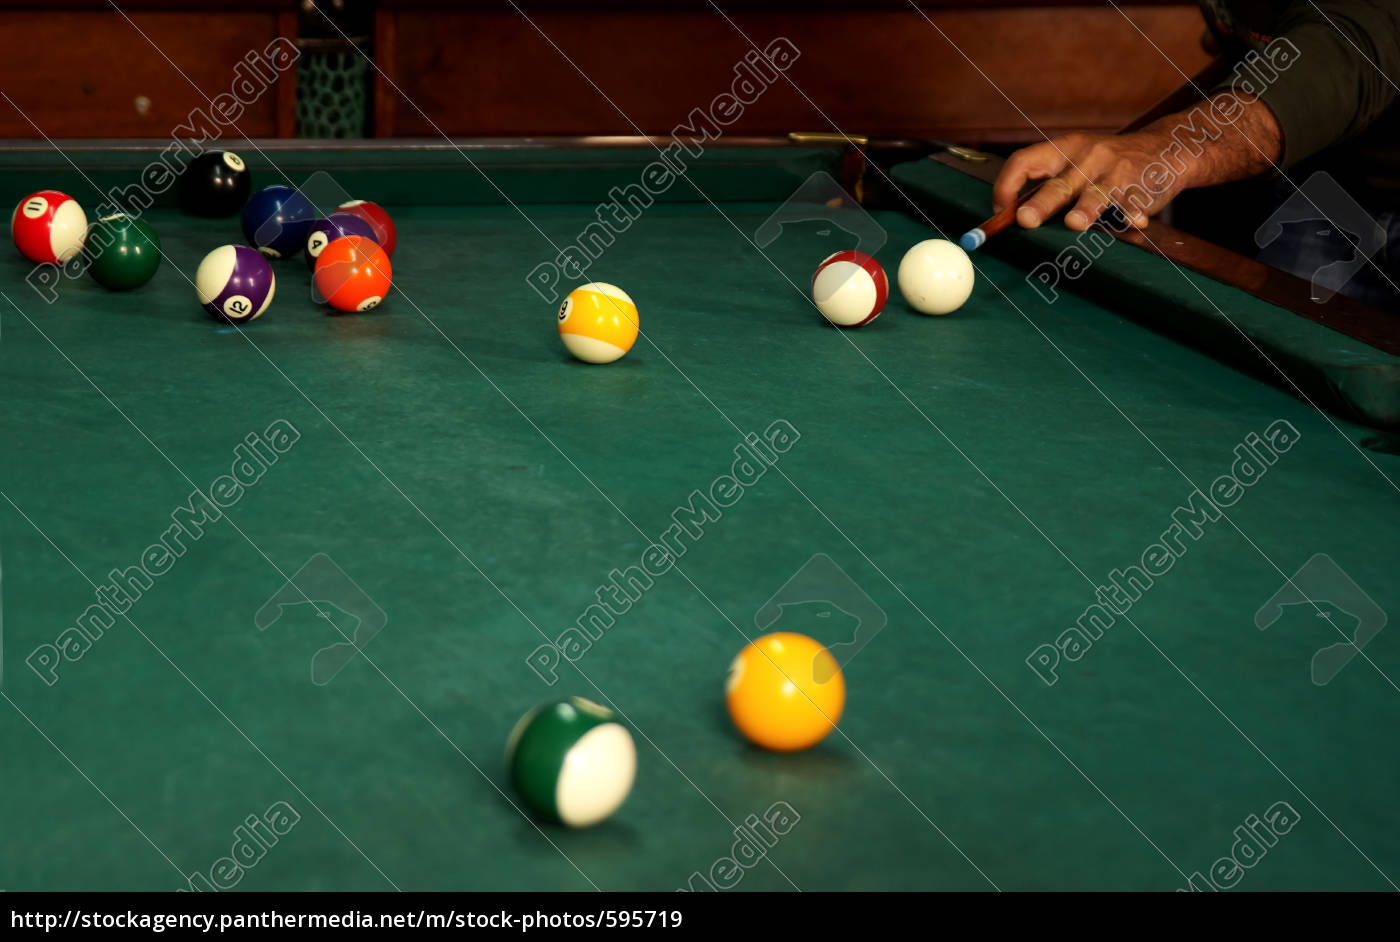 billiards - 595719